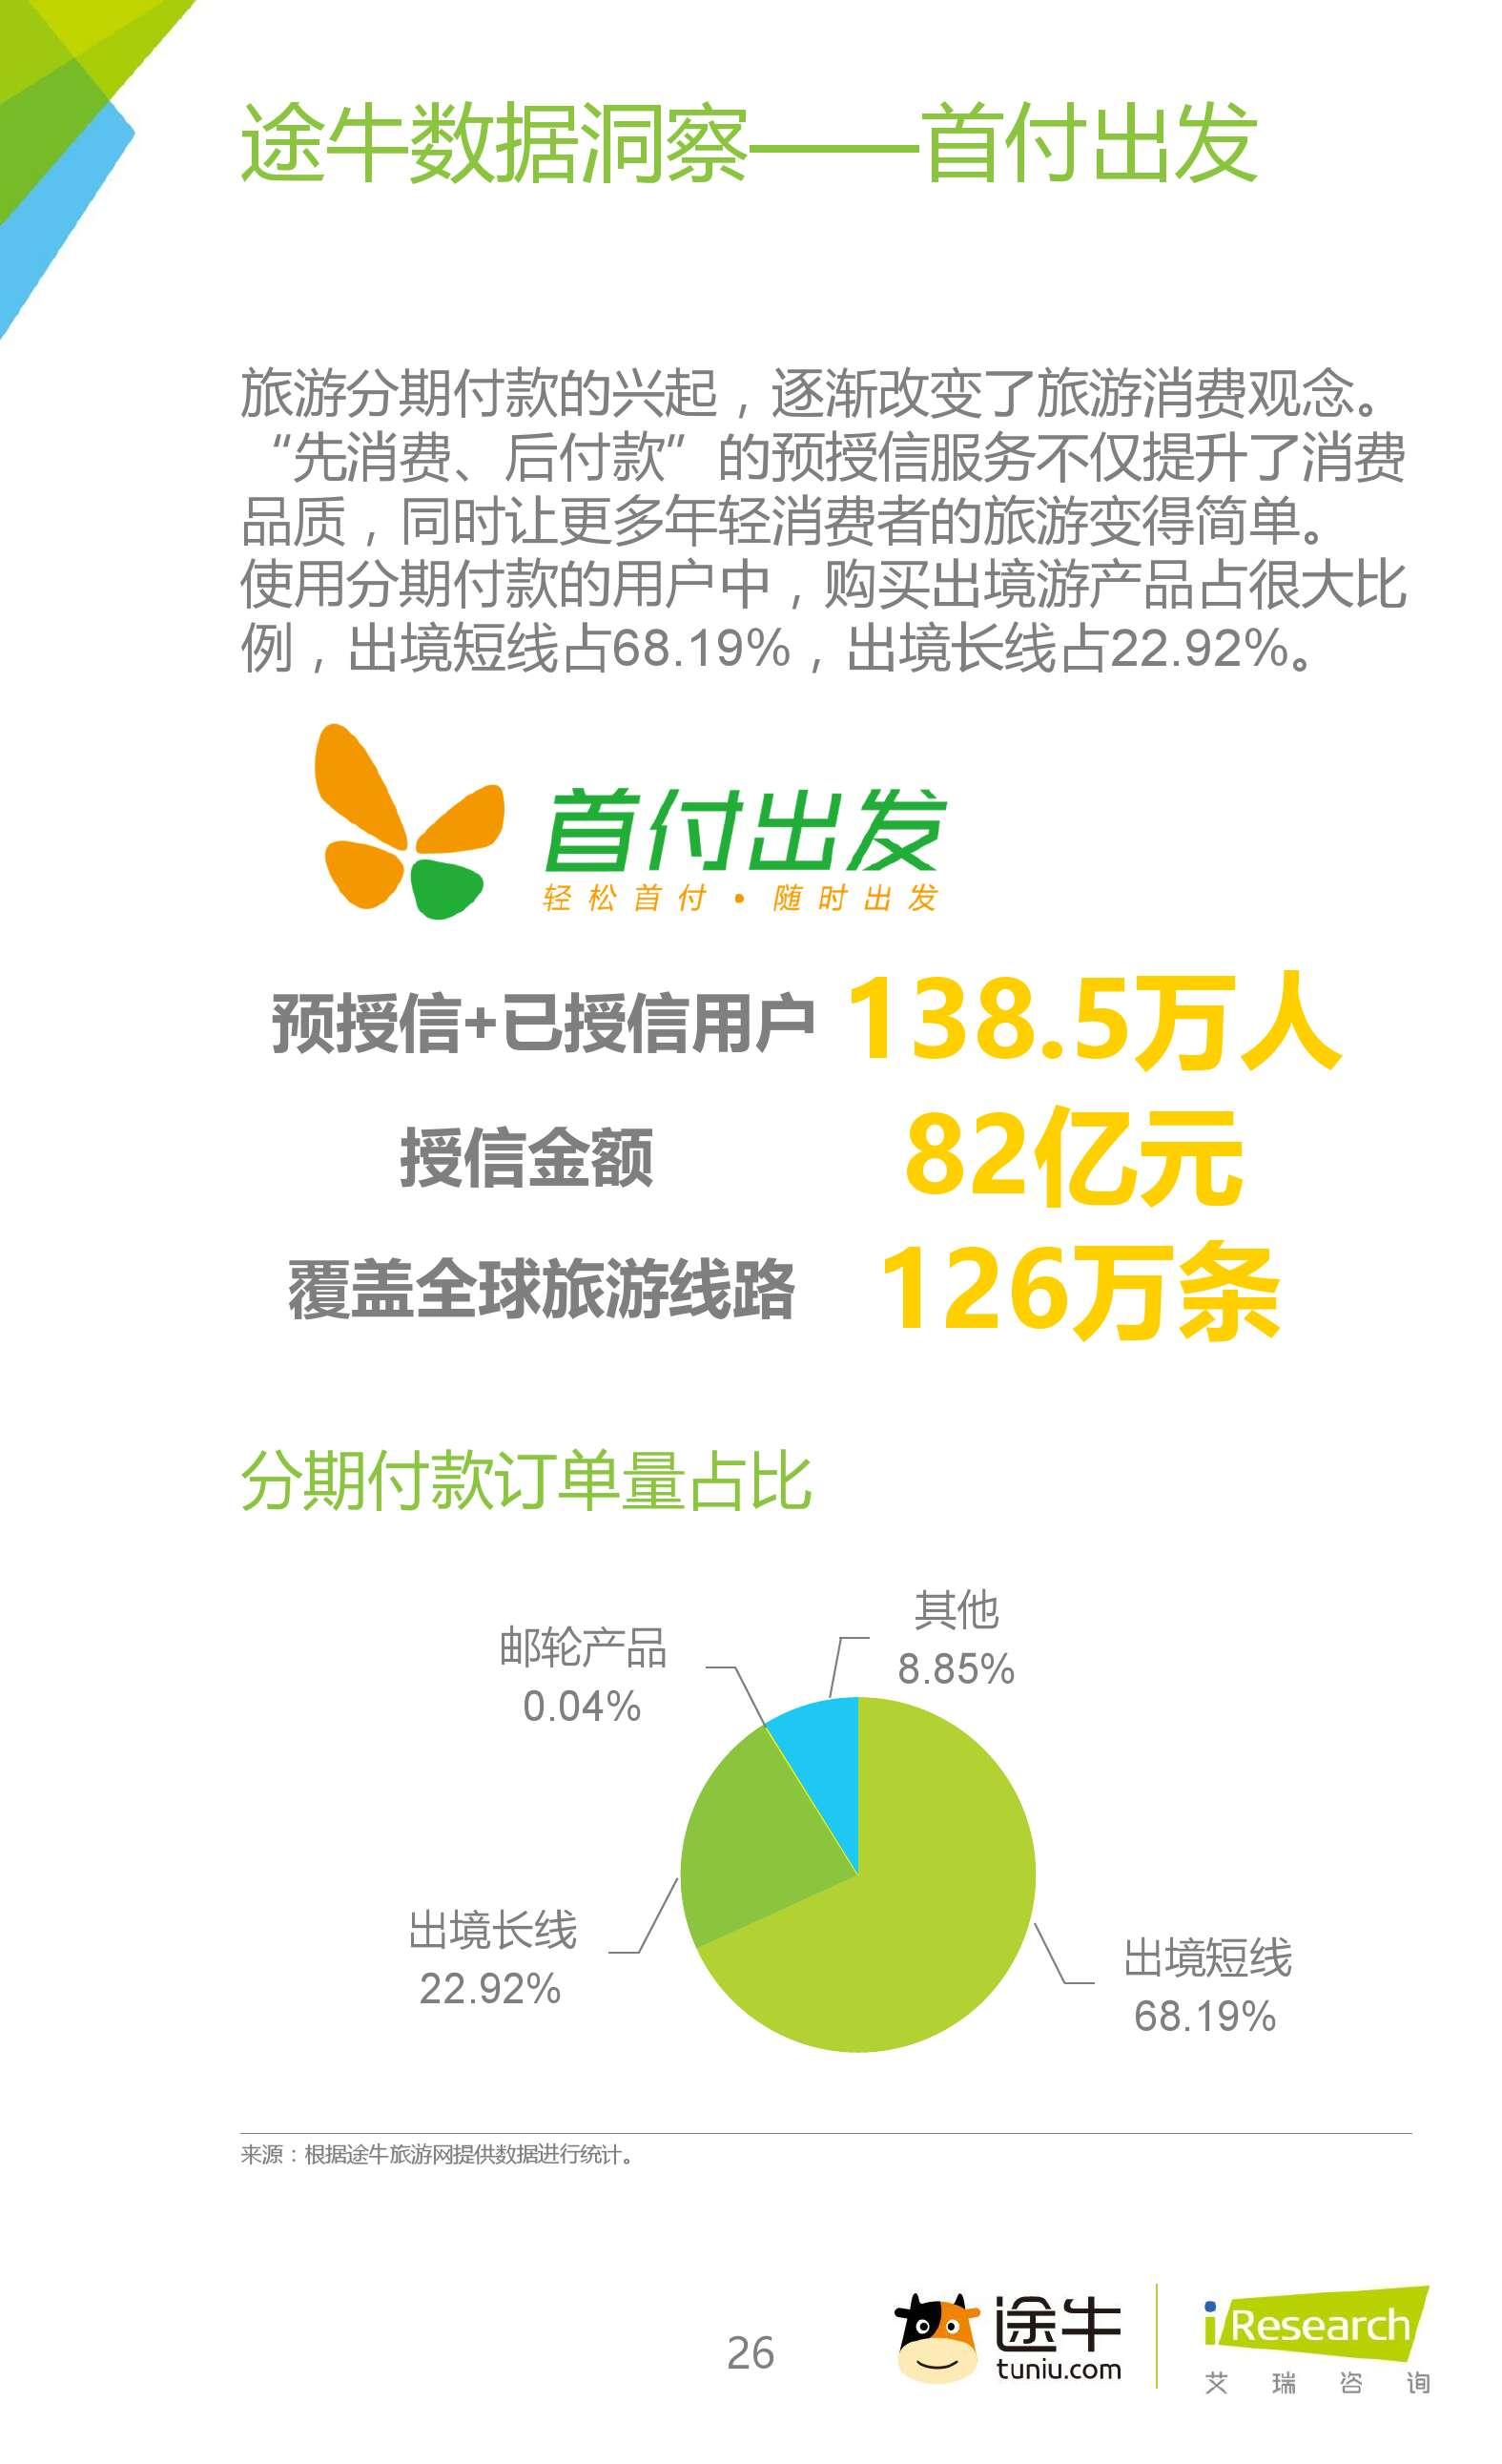 2016年中国在线旅游平台白皮书_000026